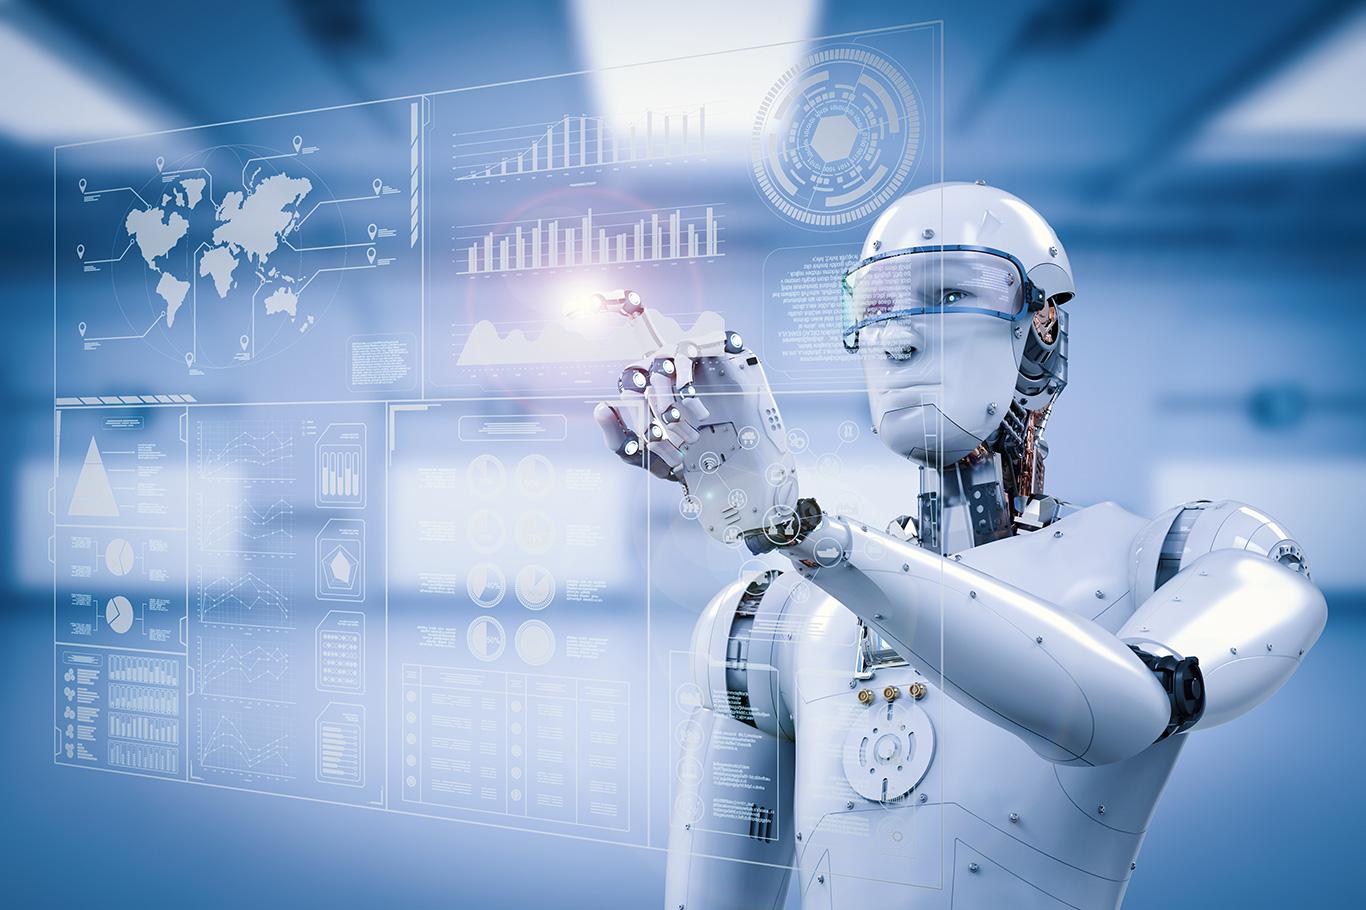 의료계의 새로운 혁명의 바람,로보트가 달려온다/医療系への新イノベーションの風、ロボットが走って来る。